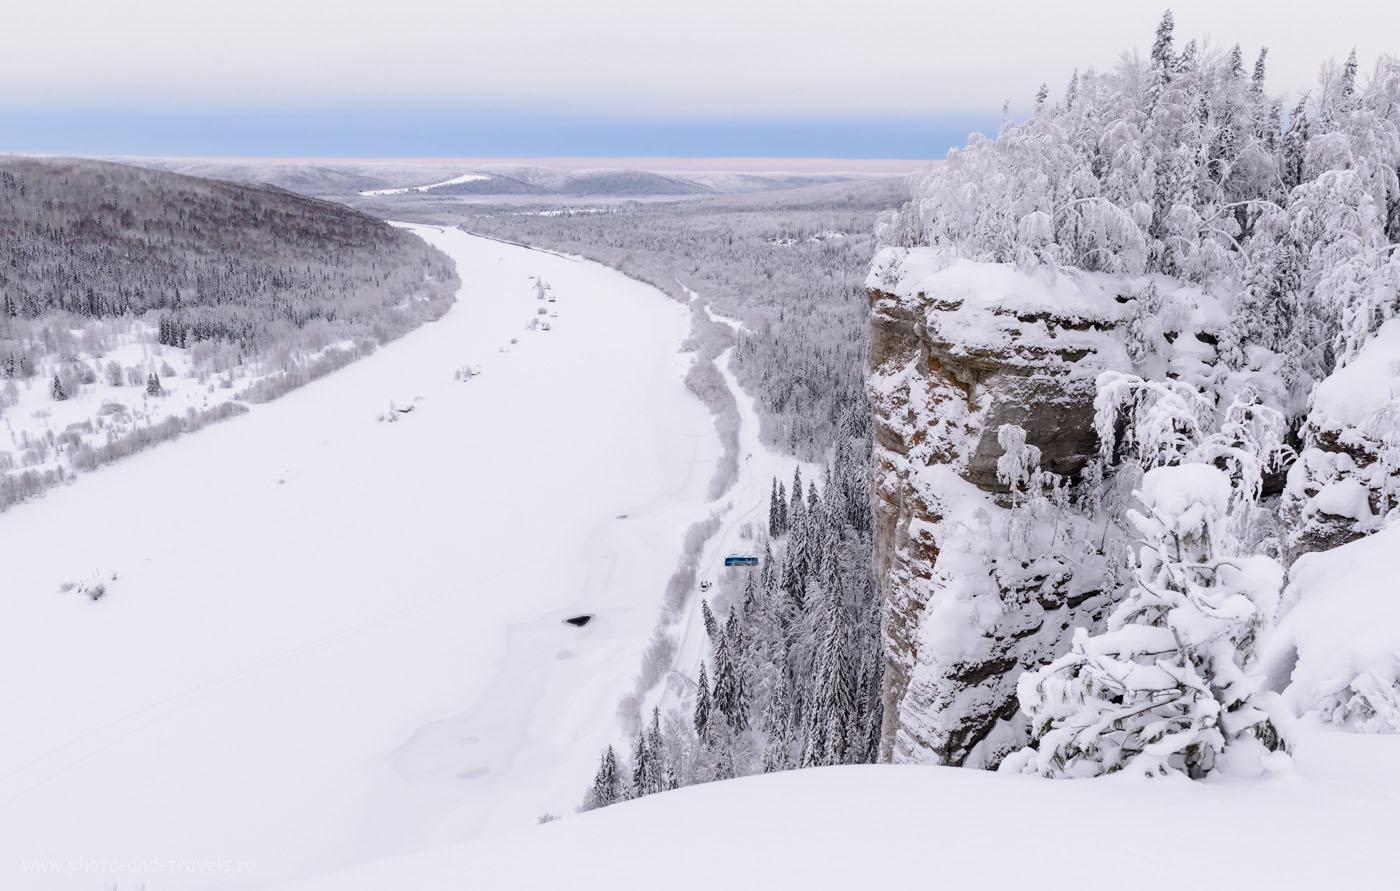 Фото 25. Вид на реку Вишера со смотровой площадки камня Ветлан. Зима – отличное время для организации экскурсии на Северный Урал. 1/150, 8.0, 800, 24.